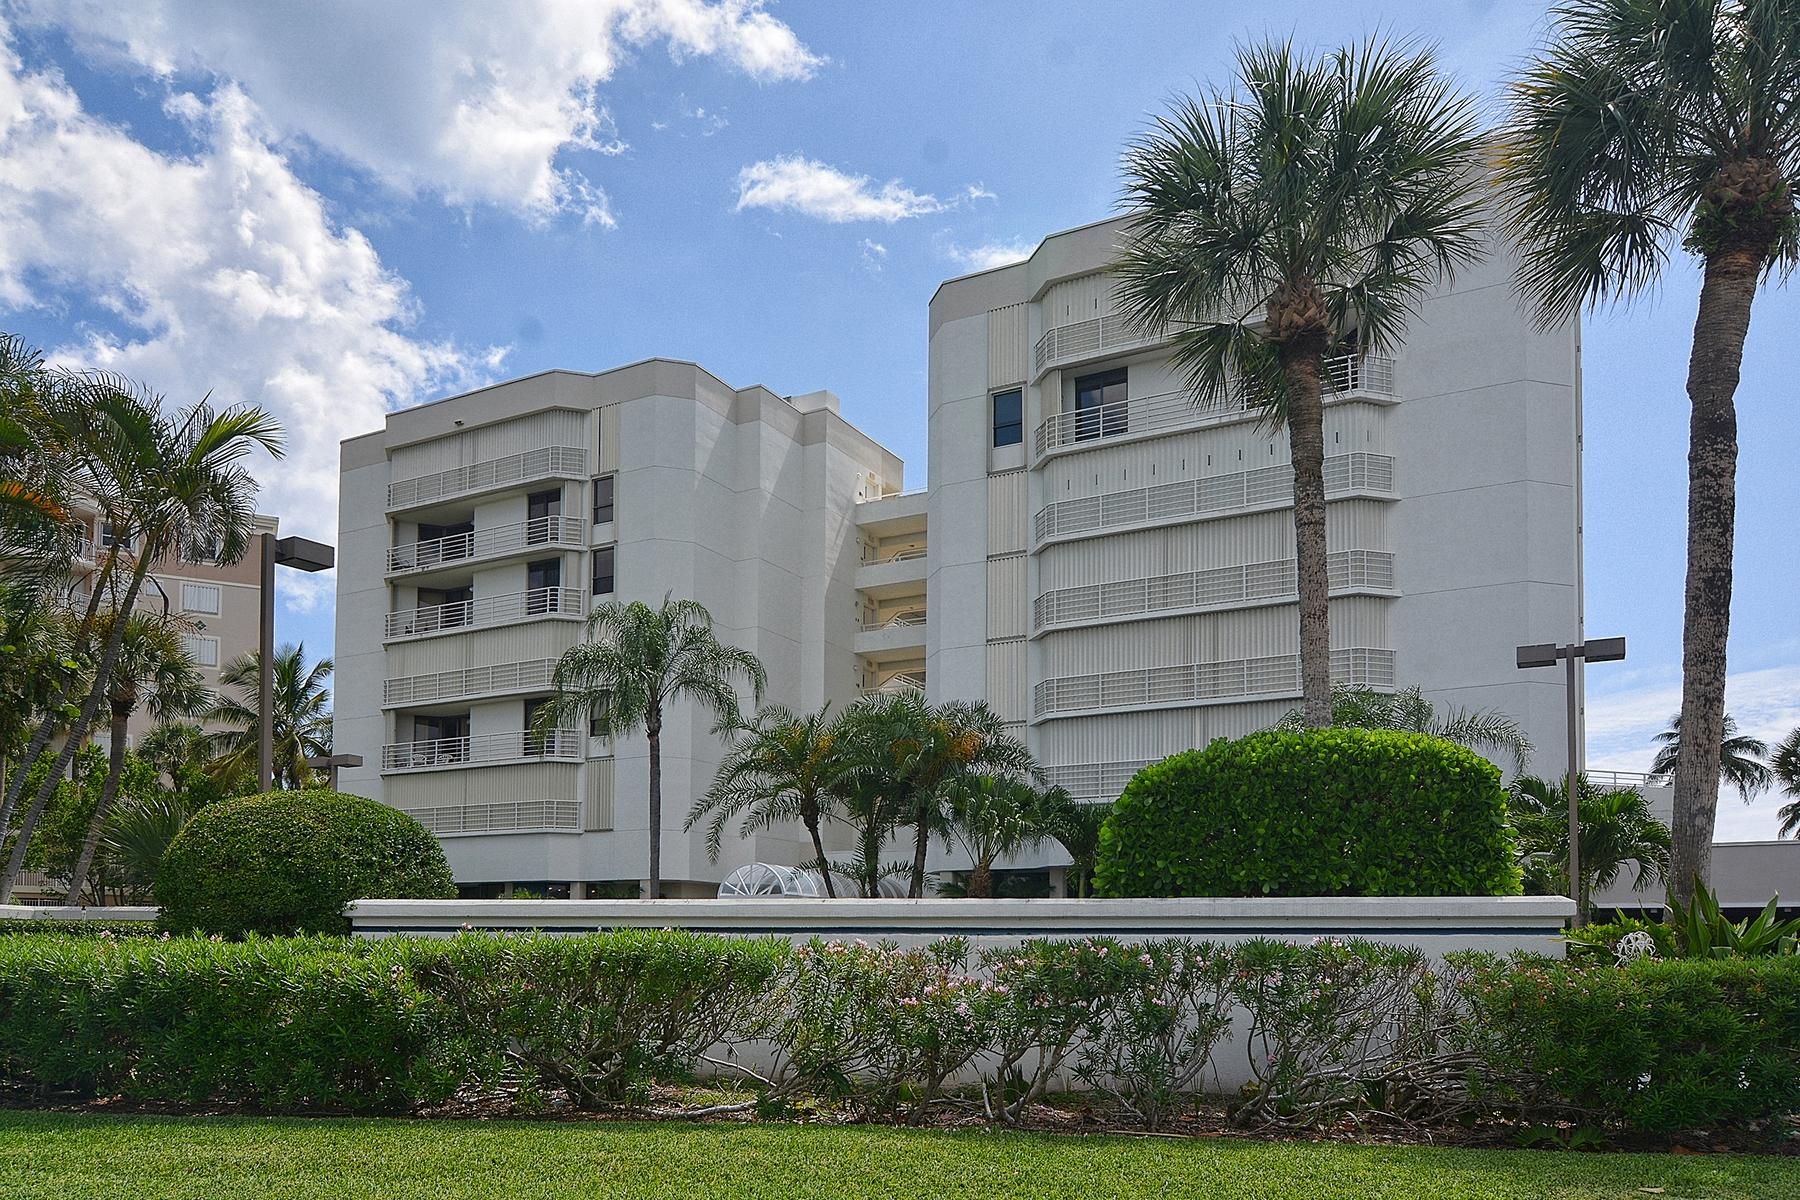 Maison unifamiliale pour l Vente à 176 Helios Drive, 305 Jupiter, Florida 33477 États-Unis